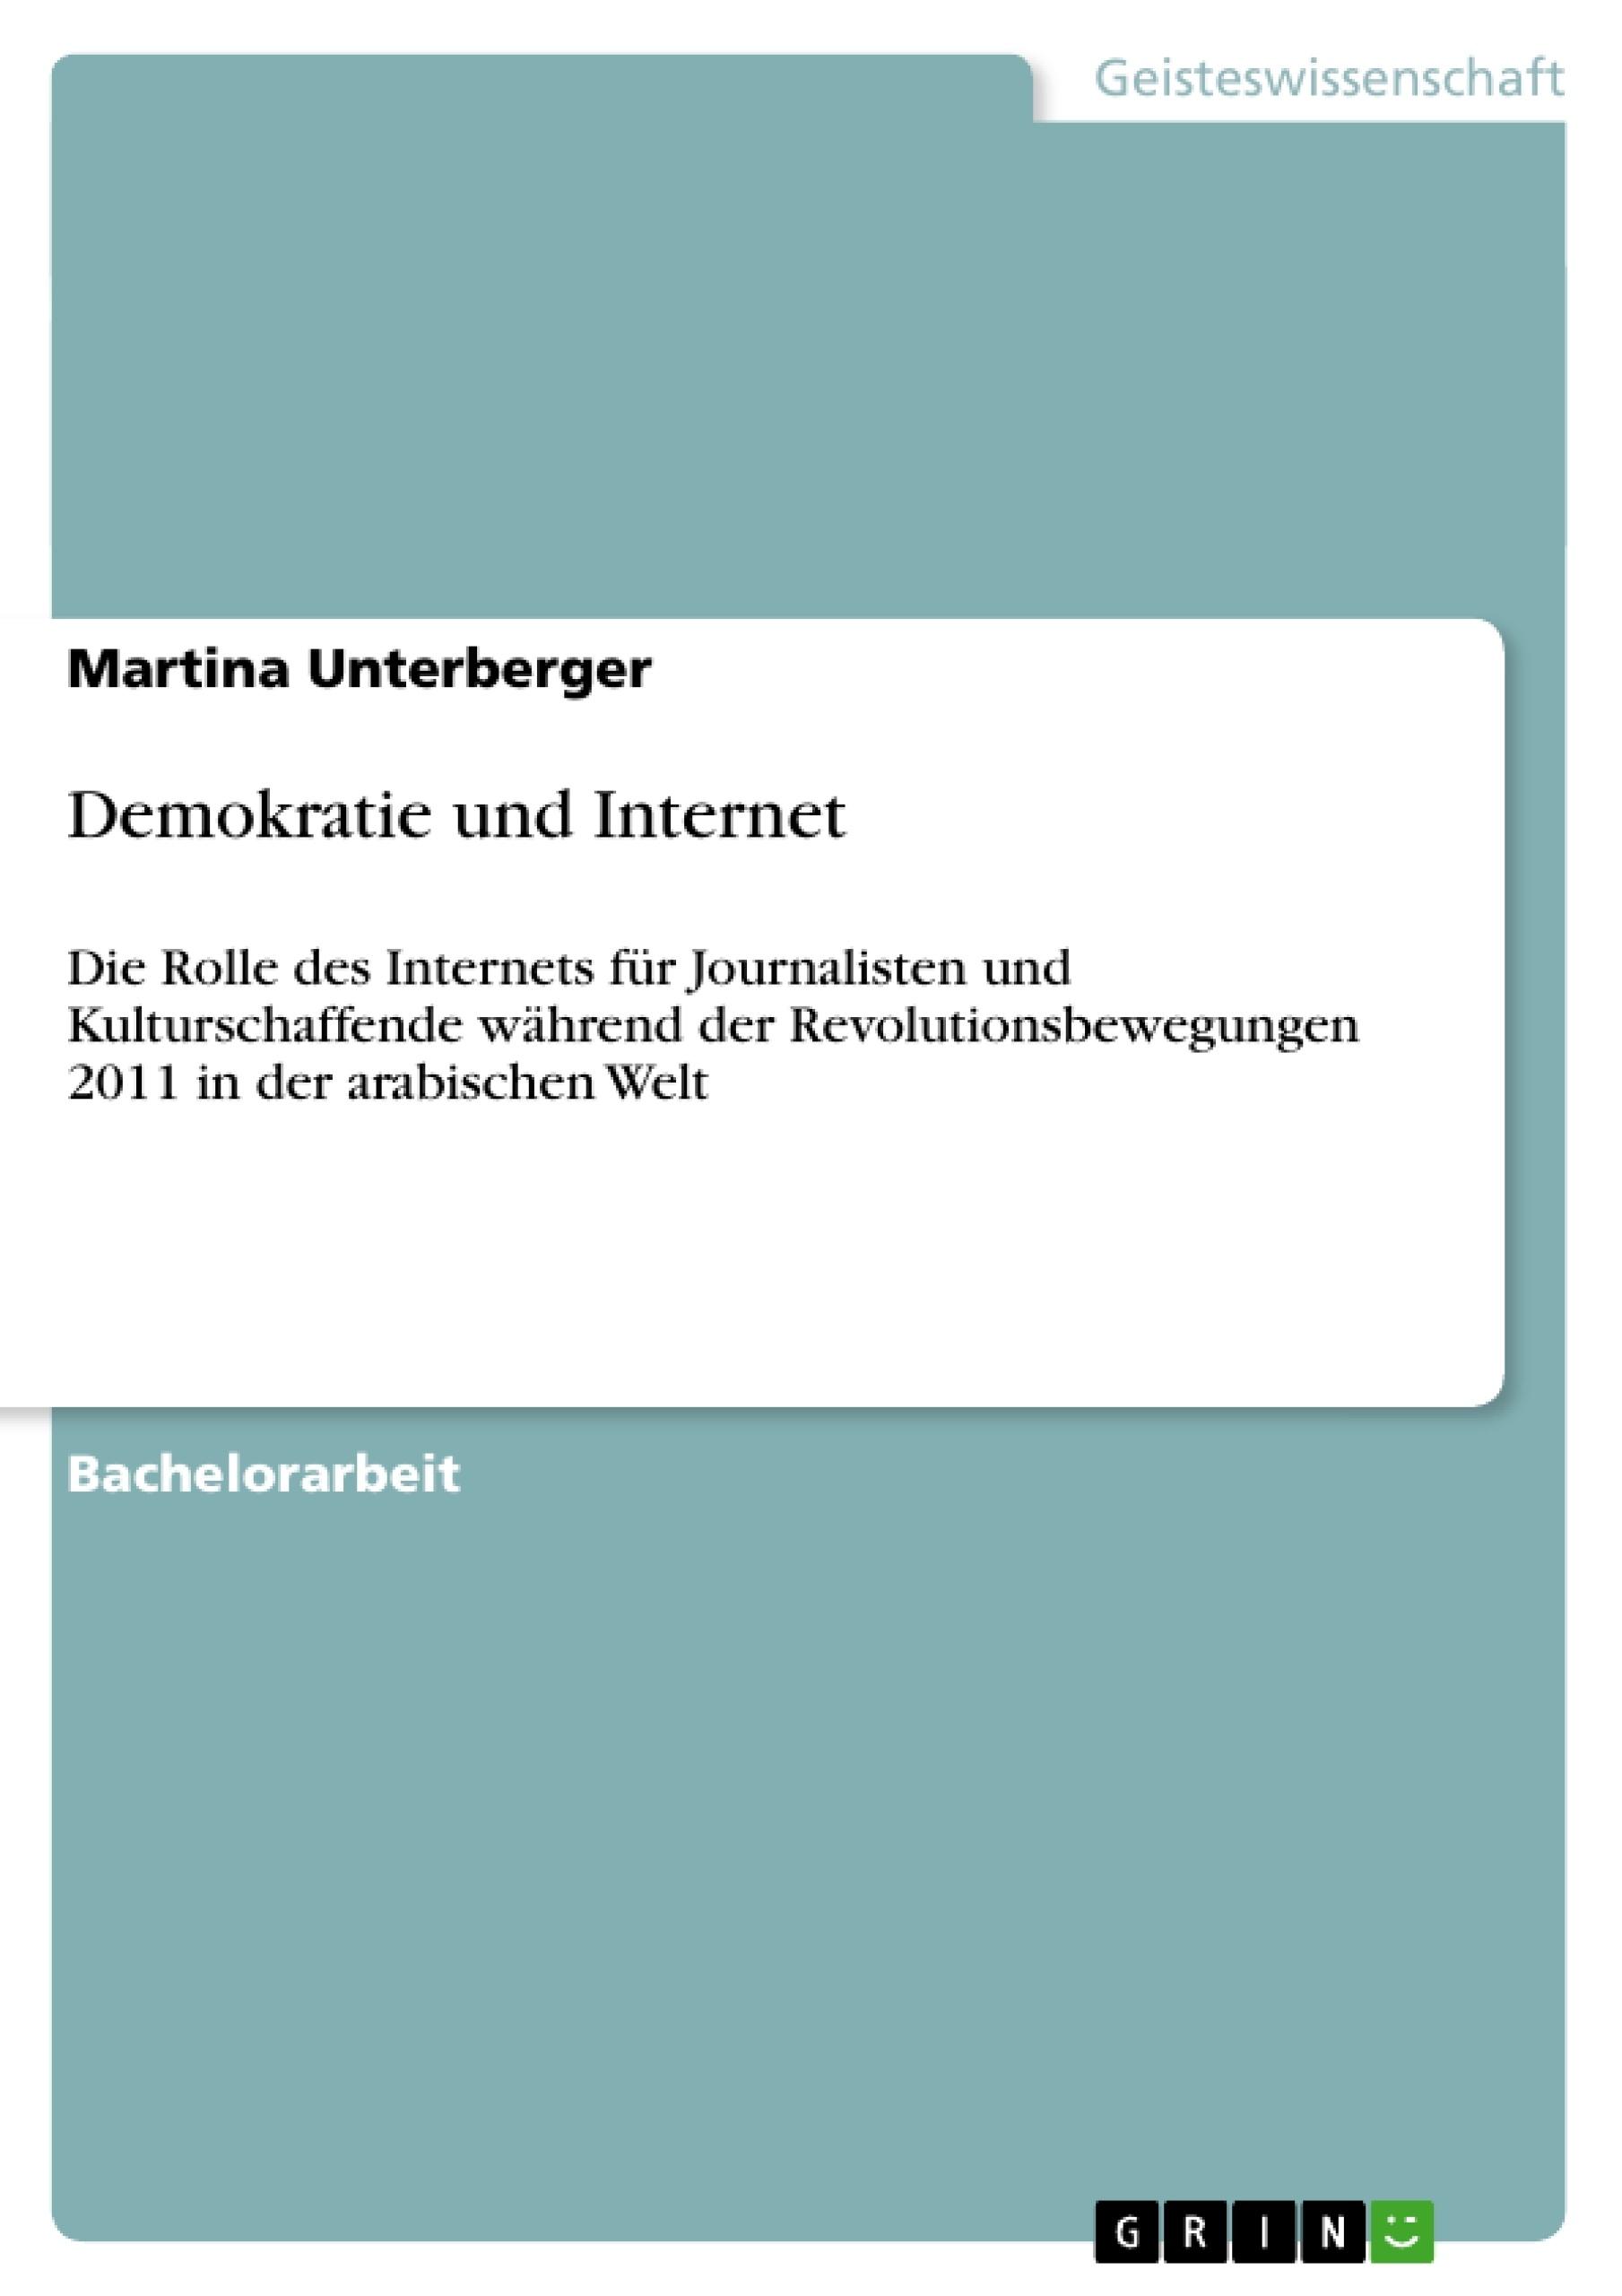 Titel: Demokratie und Internet